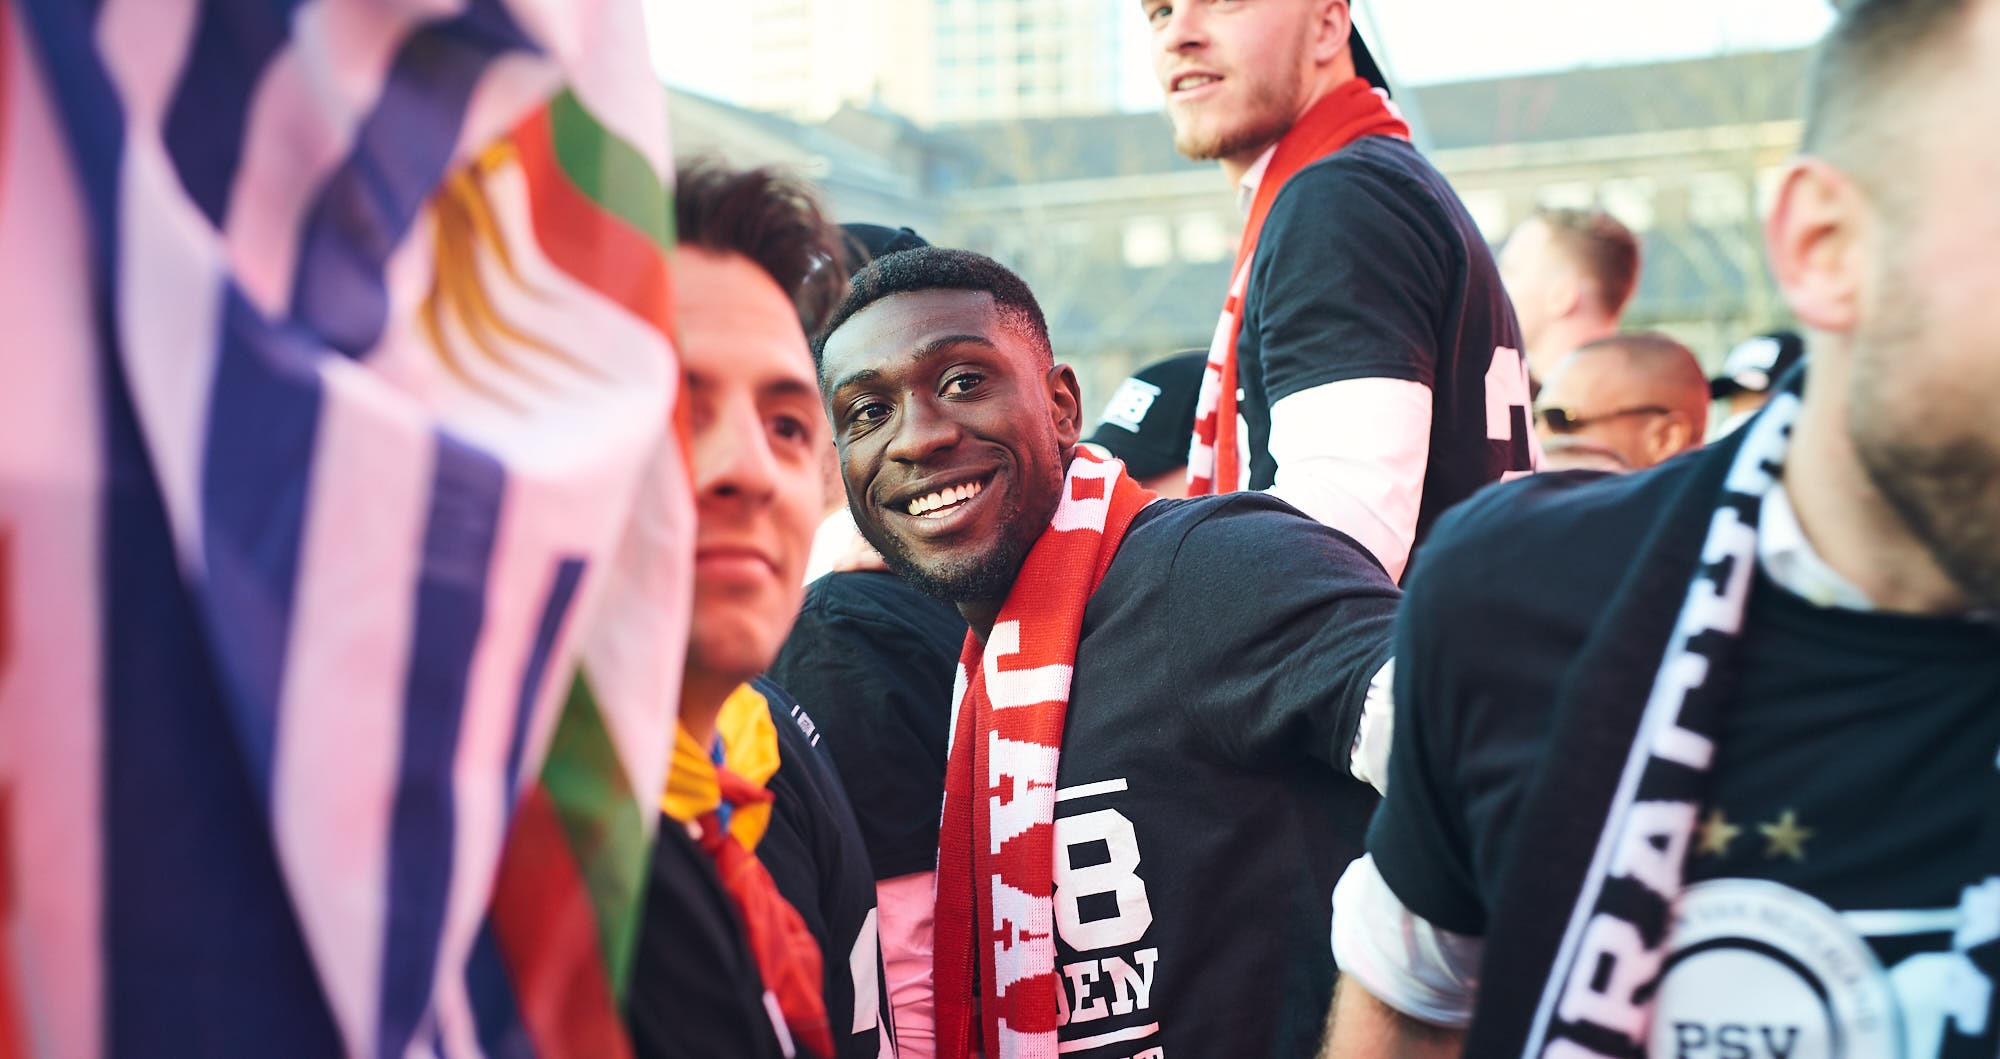 Derrick Luckassen during PSV Eindhoven's title celebrations